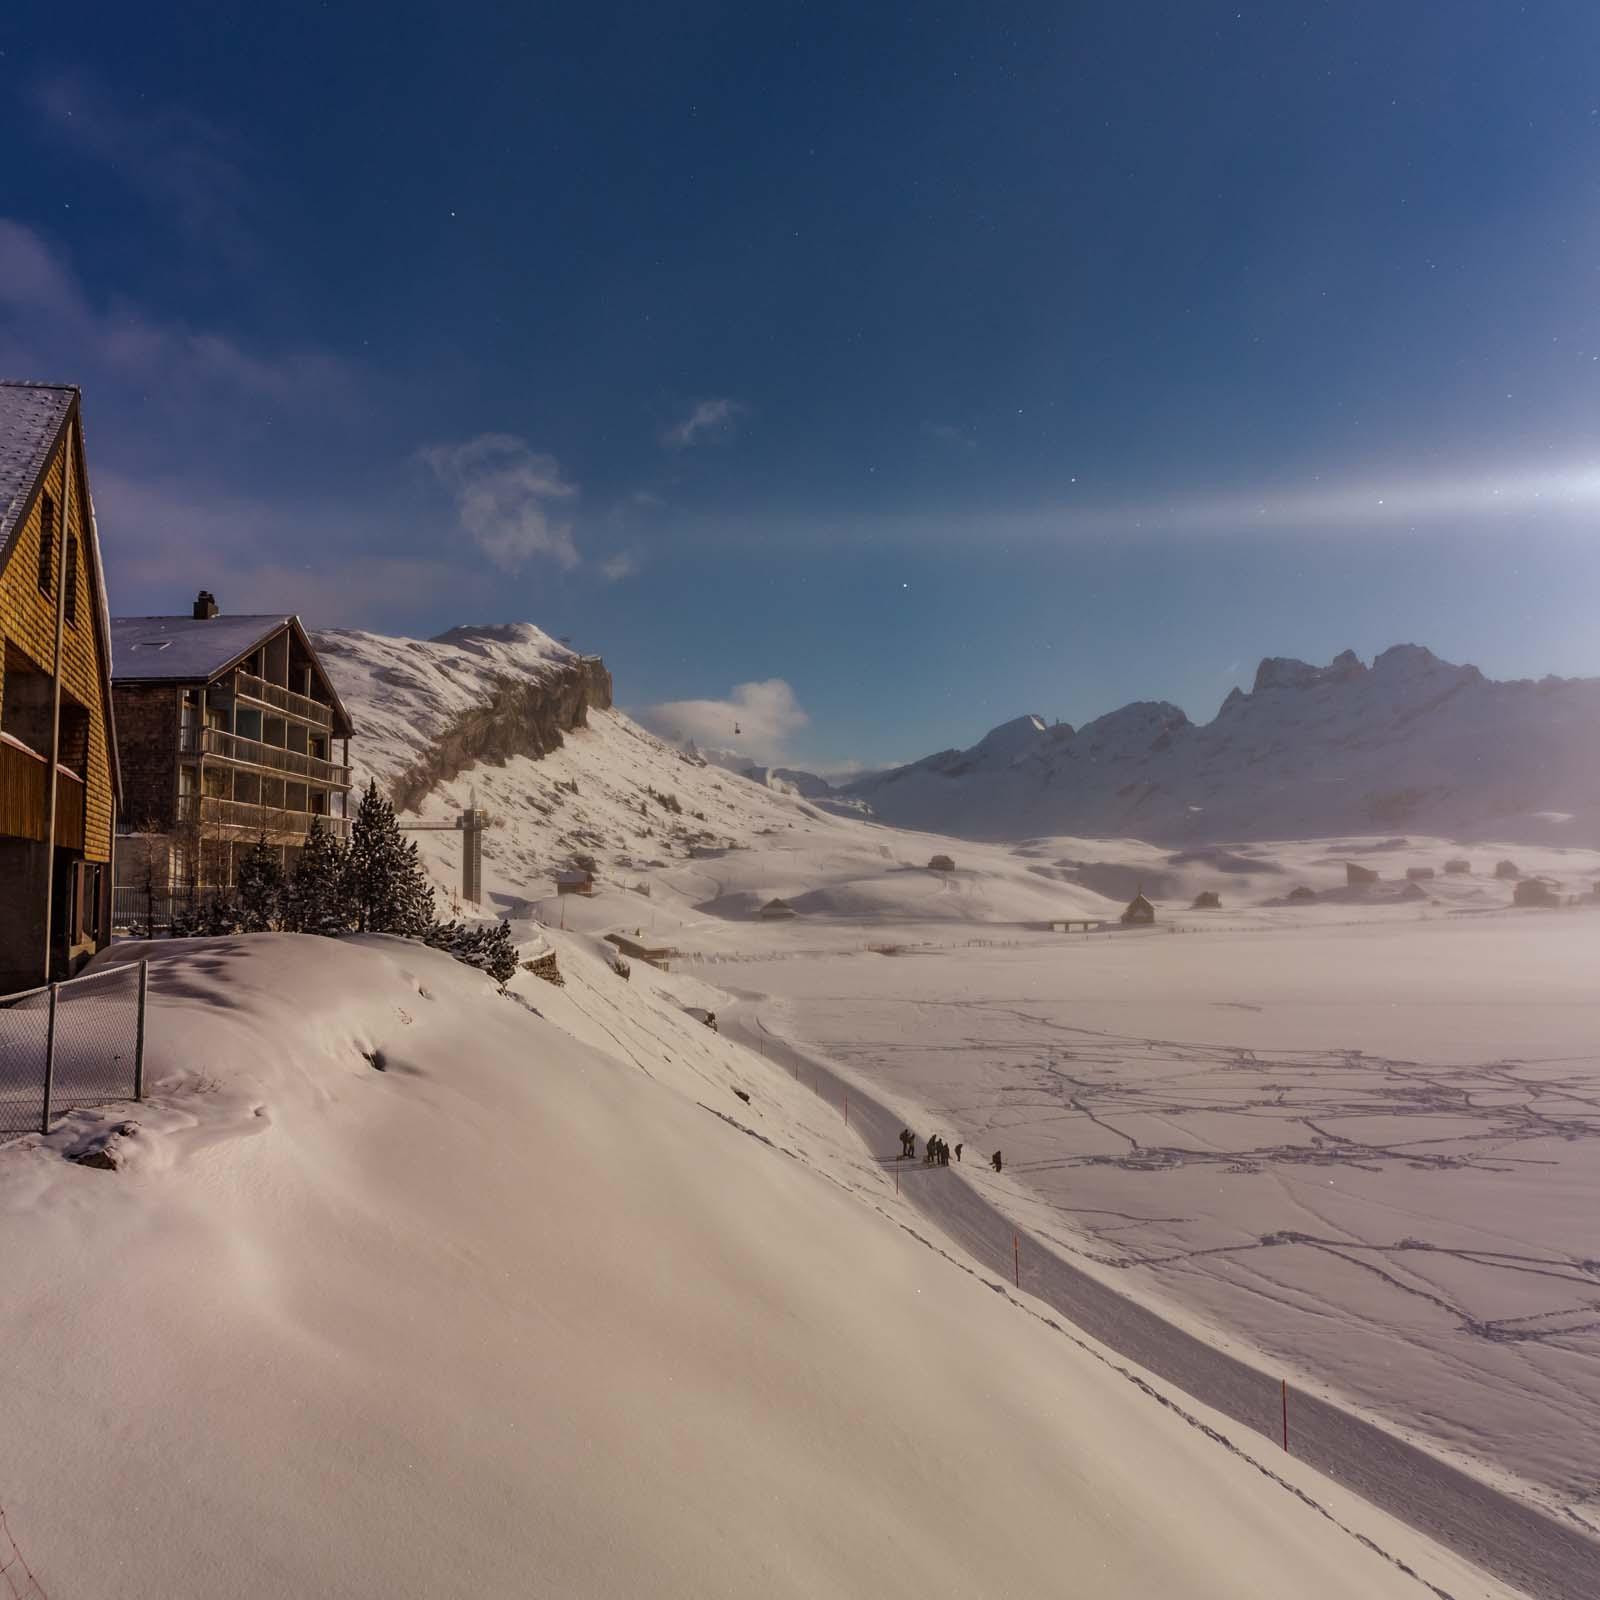 Ein Schnee Wochenende in Melchsee-Frutt